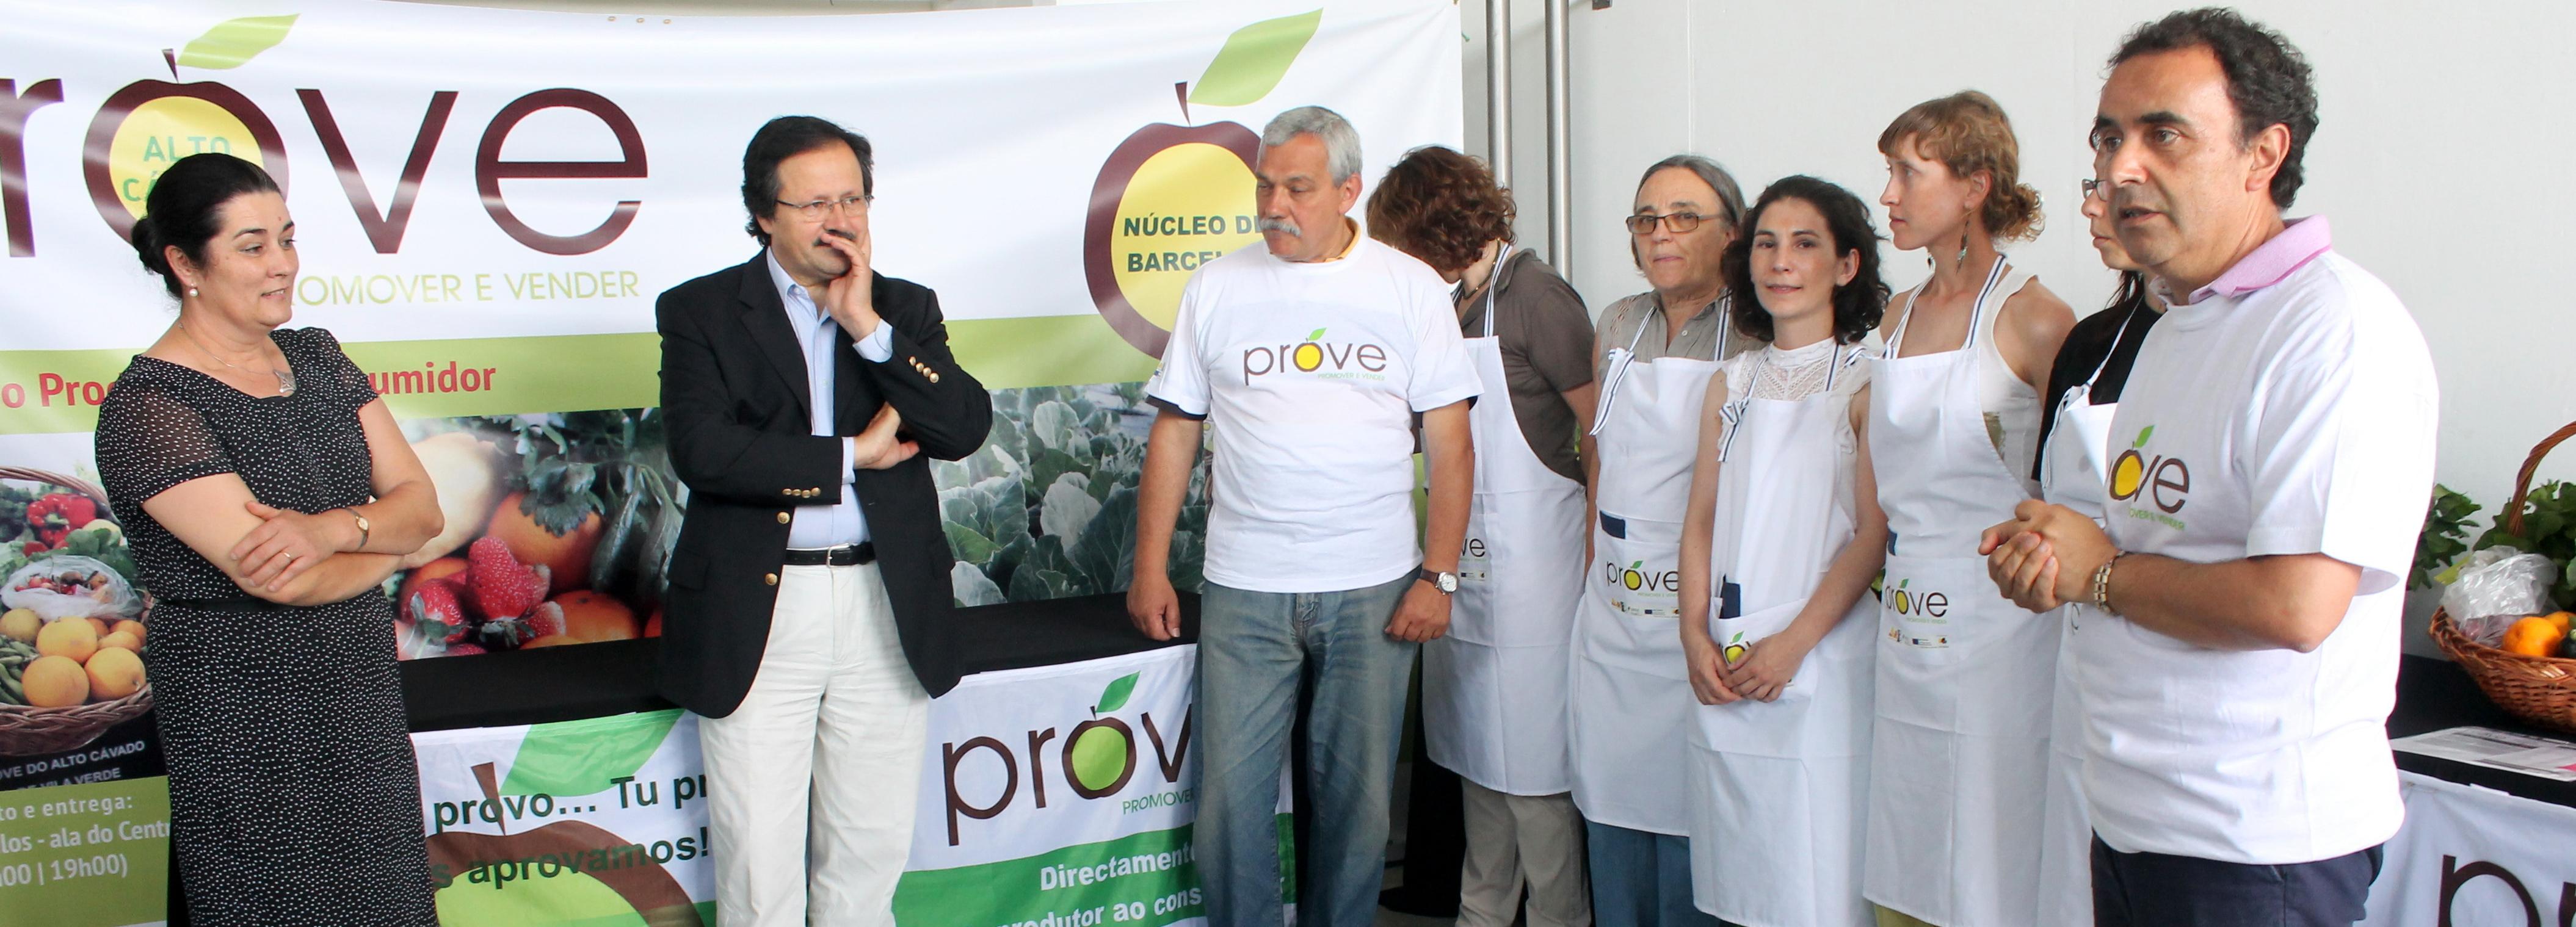 Núcleo PROVE já abriu em Barcelos